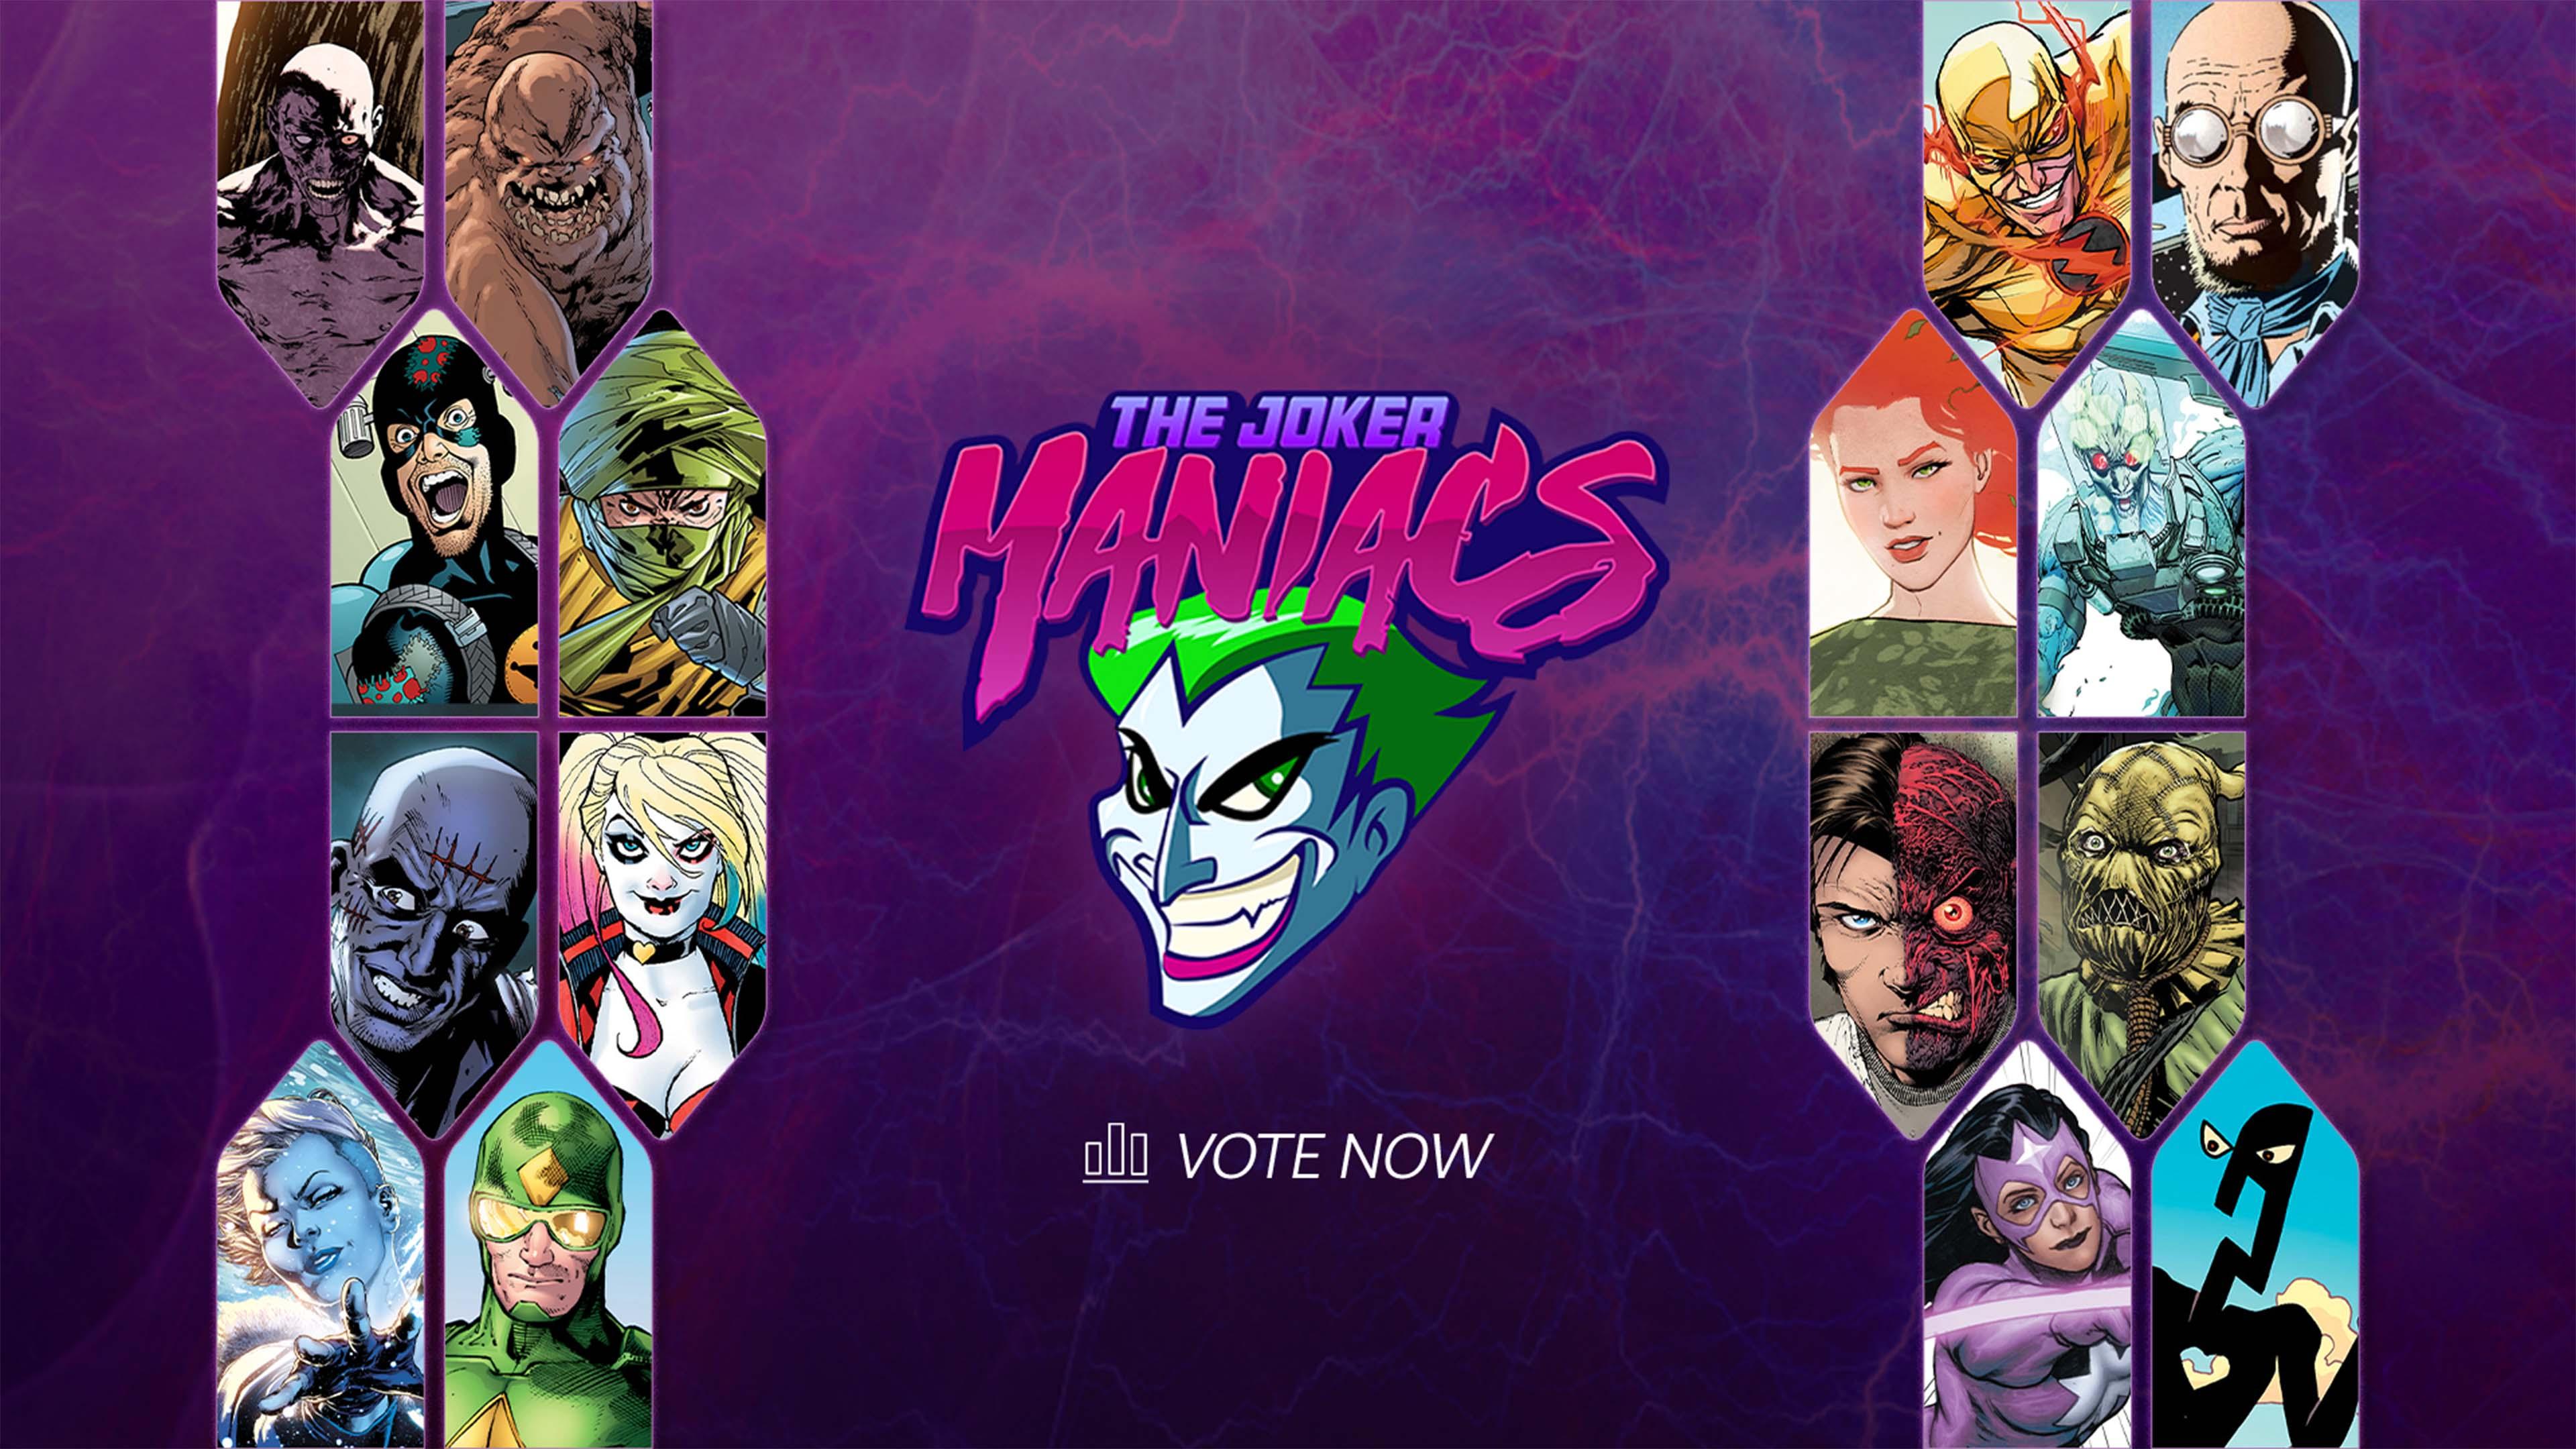 MM_Joker_Week 1_hero-c2.jpg